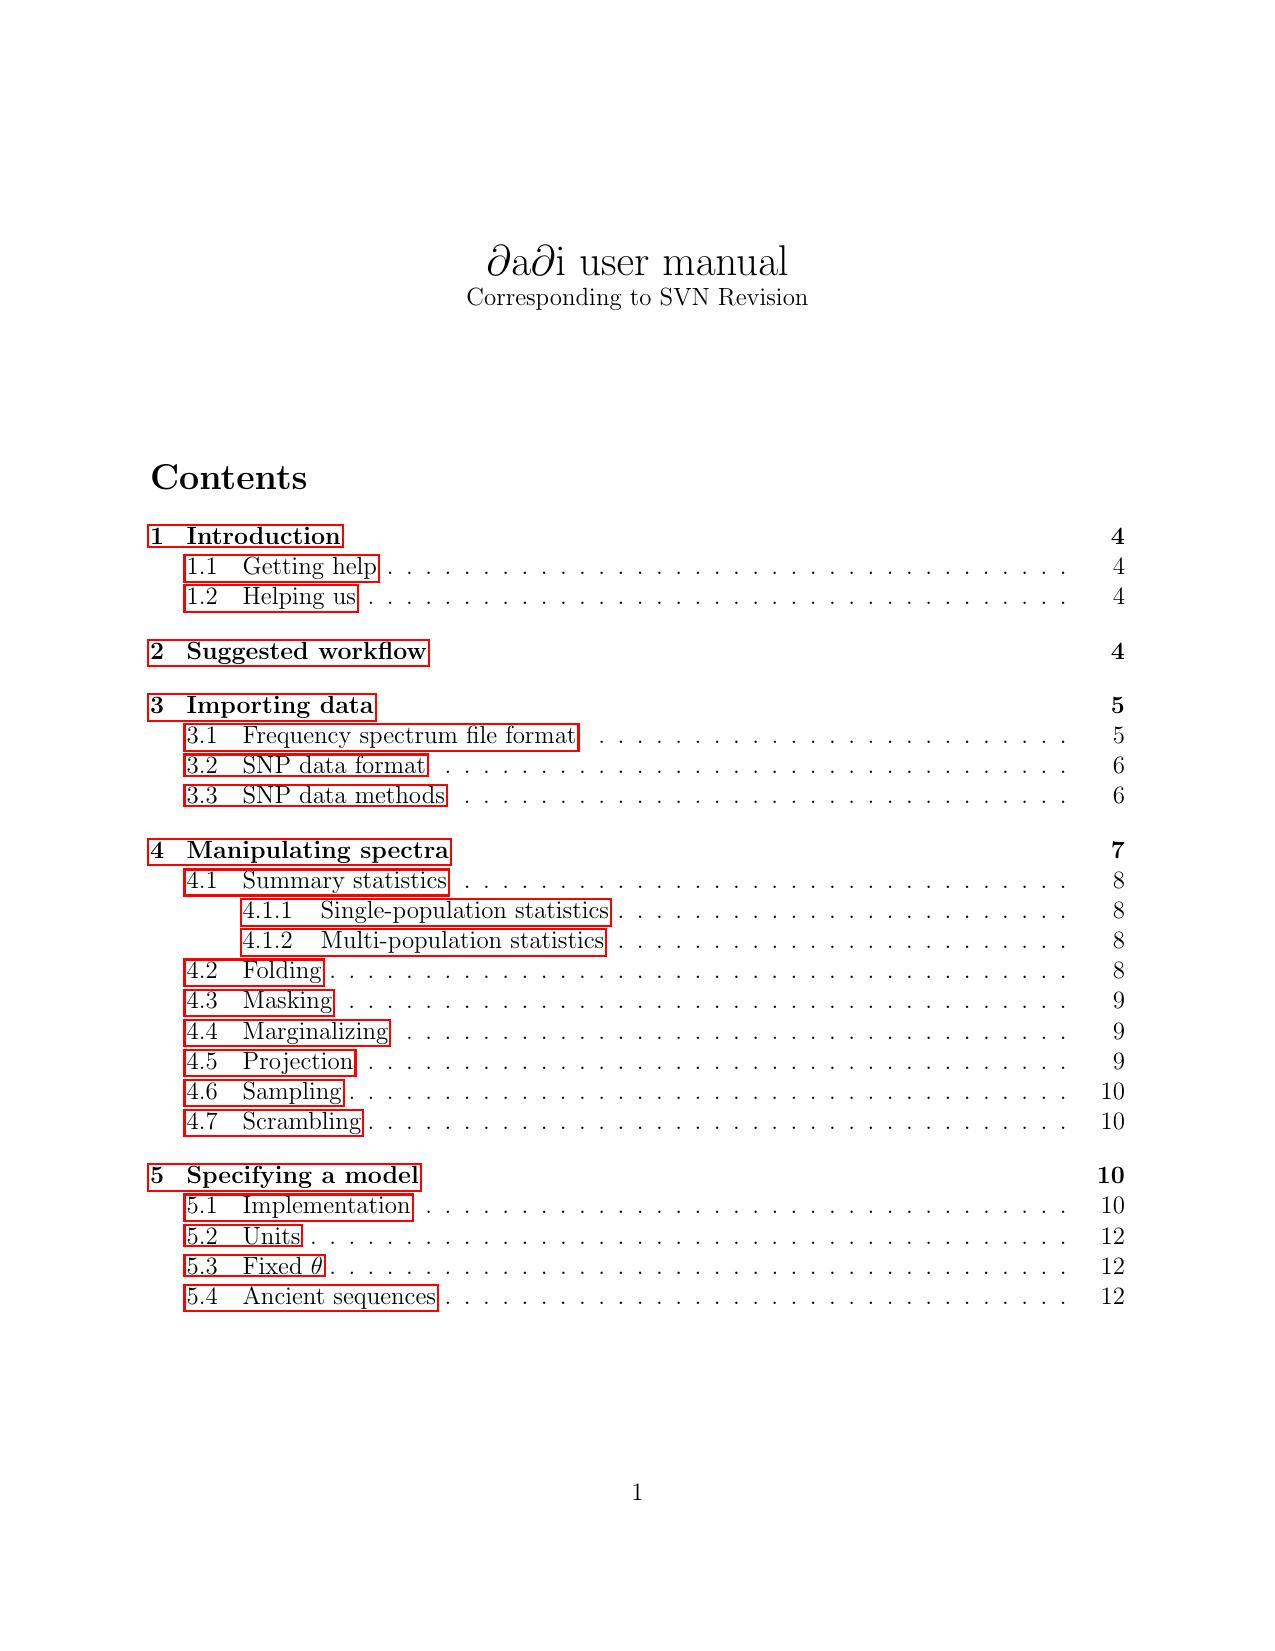 a∂i user manual | manualzz com